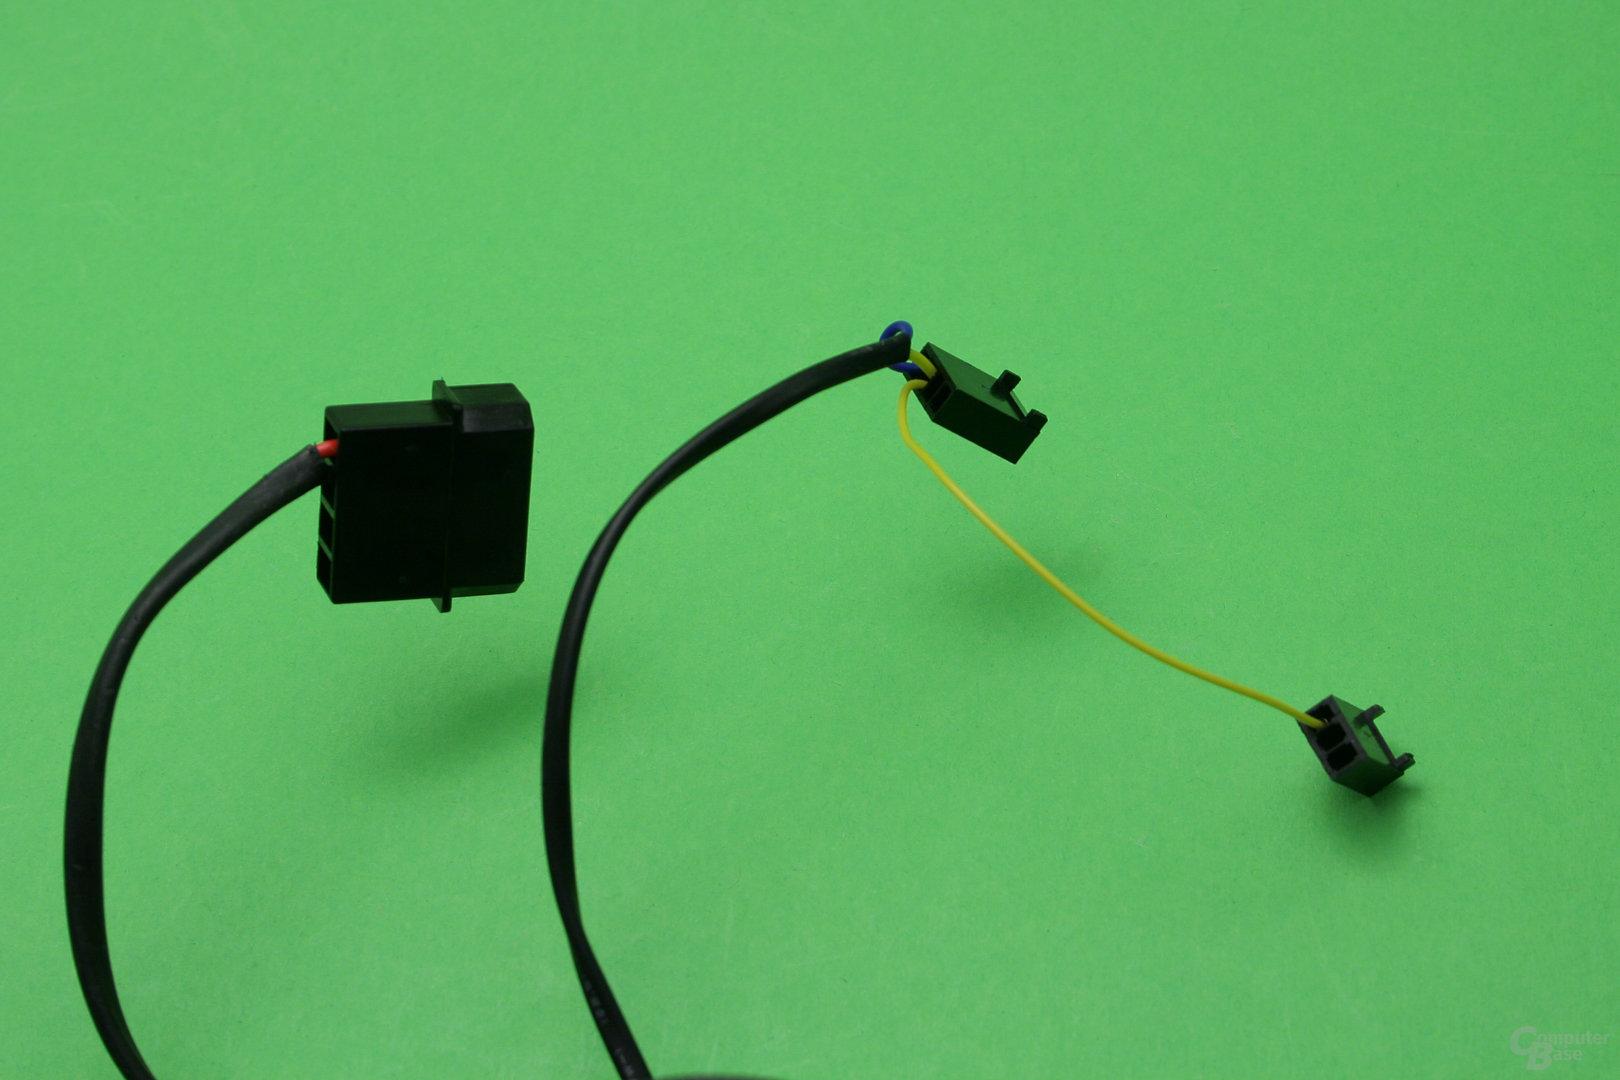 Alphacool VPP755: Von der Pumpe gehen drei Stecker ab